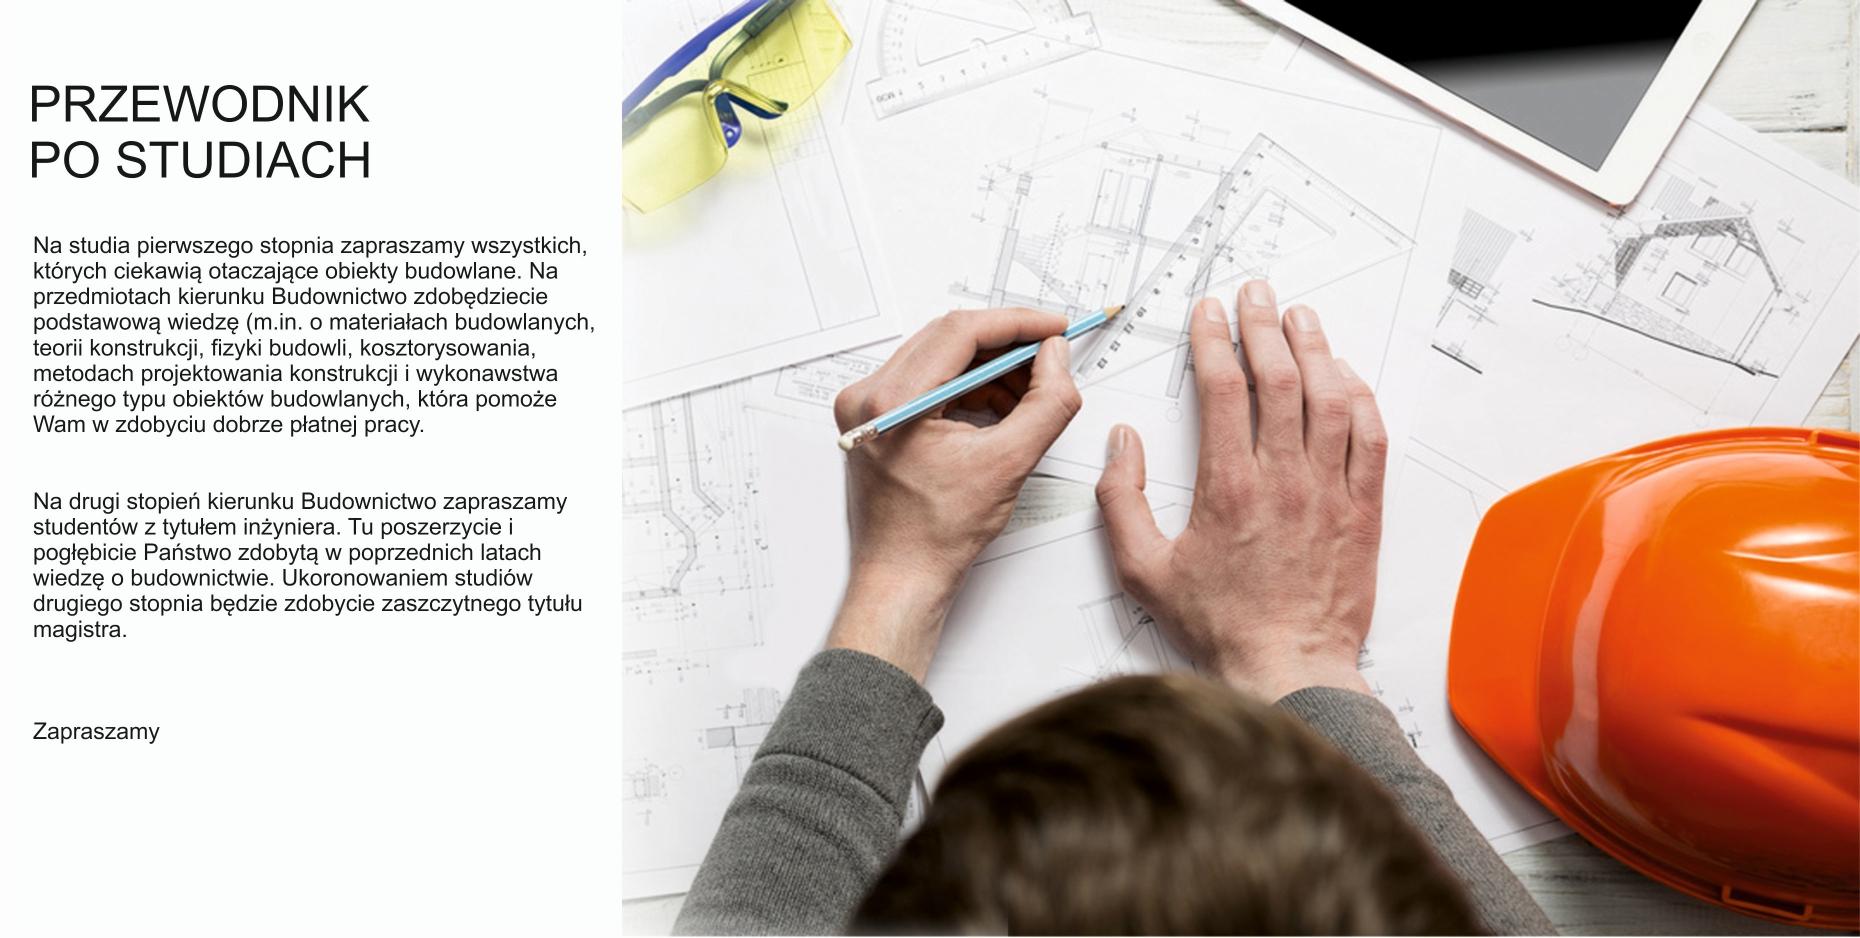 Na studia pierwszego stopnia zapraszamy wszystkich, których ciekawią otaczające obiekty budowlane. Na przedmiotach kierunku Budownictwo zdobędziecie podstawową wiedzę (m.in. o materiałach budowlanych, teorii konstrukcji, fizyki budowli, kosztorysowania, metodach projektowania konstrukcji i wykonawstwa różnego typu obiektów budowlanych), która pomoże Wam w zdobyciu dobrze płatnej pracy.  Na drugi stopień kierunku Budownictwa zapraszamy studentów z tytułem inżyniera. Tu poszerzycie i pogłębicie Państwo zdobytą w poprzednich latach wiedzę o budownictwie. Ukoronowaniem studiów drugiego stopnia będzie zdobycie zaszczytnego tytułu magistra.Zapraszamy!